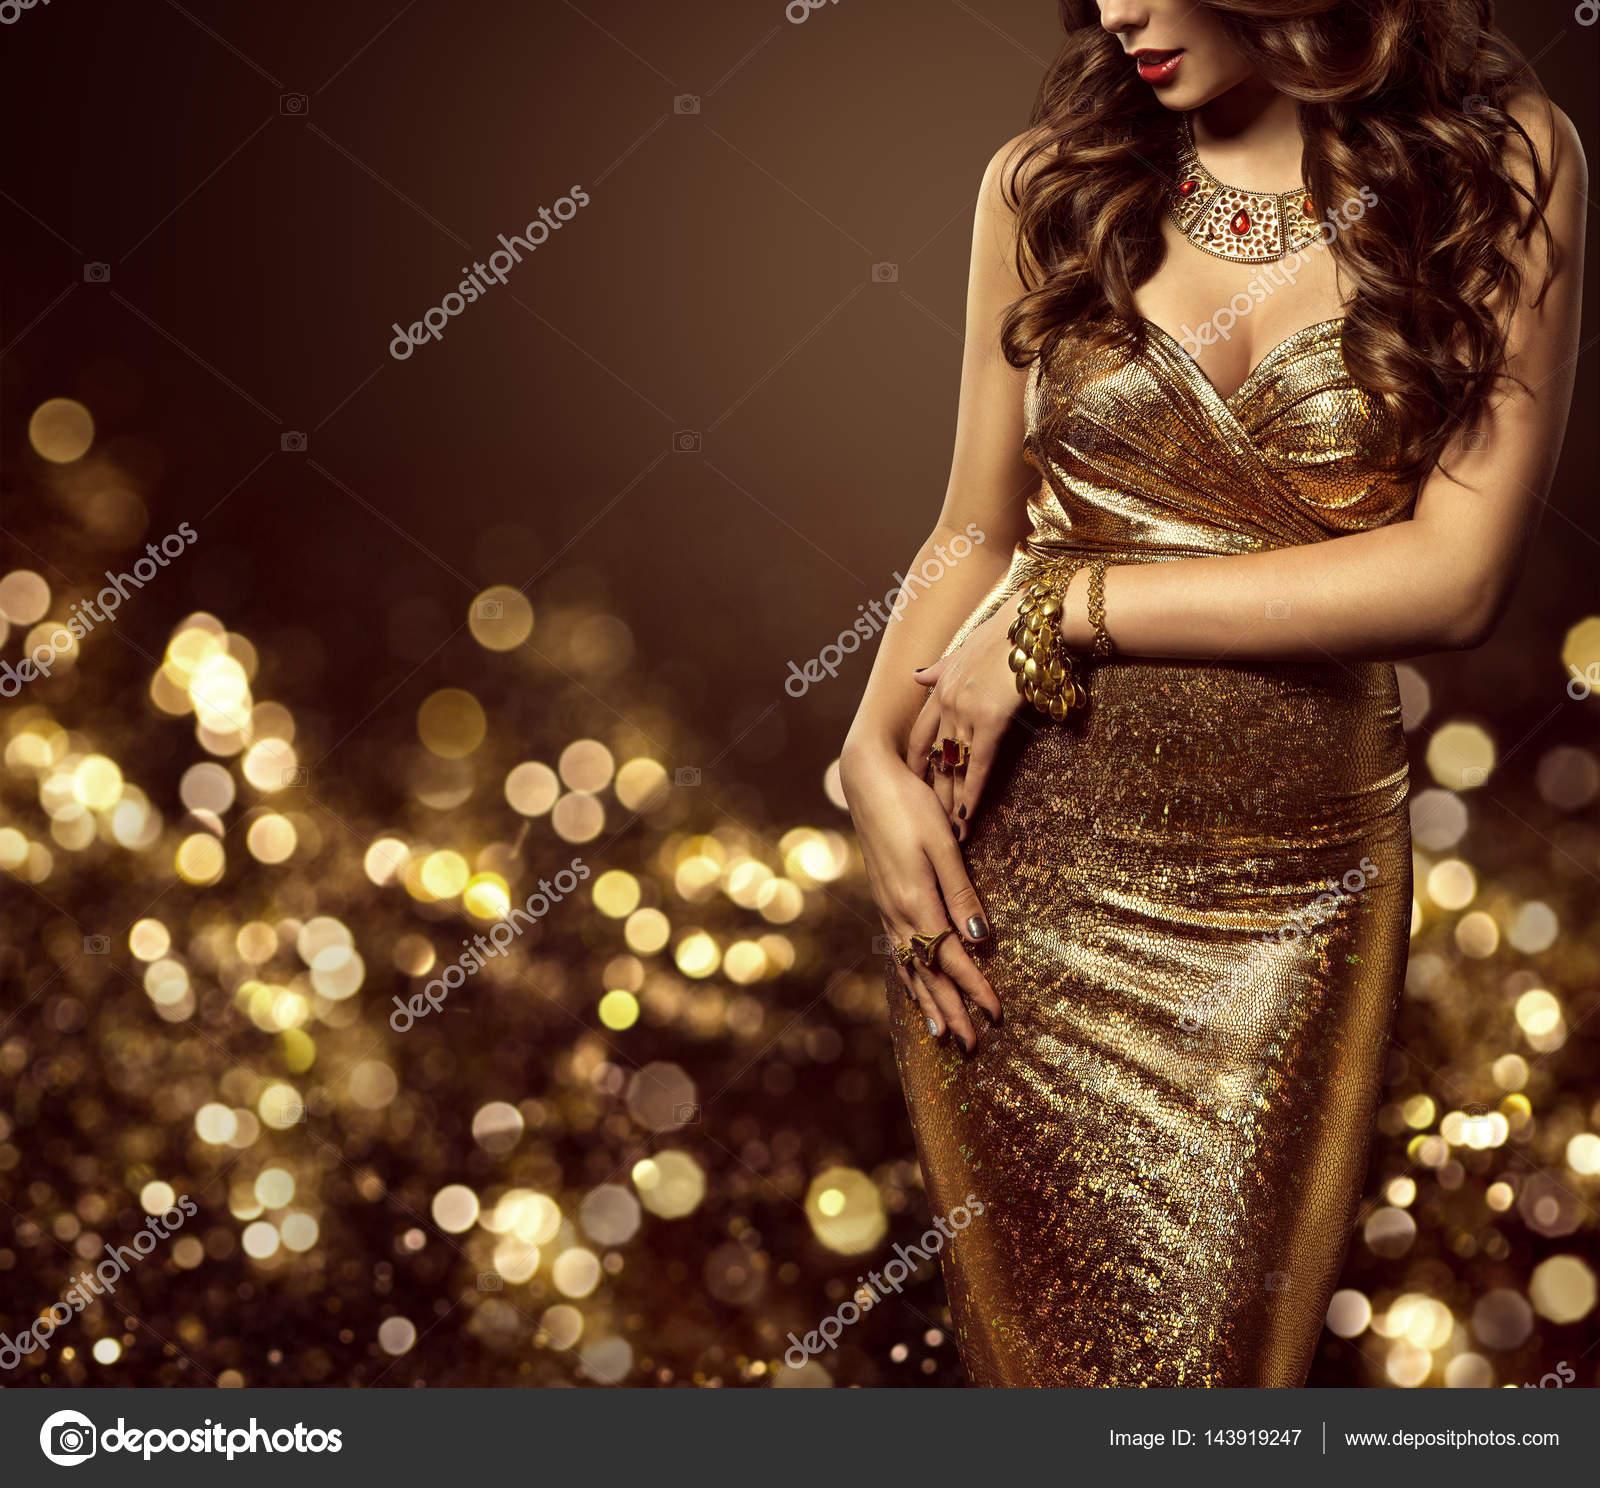 f00cfd45d Corpo de modelo de moda em vestido de ouro, mulher elegante vestido dourado,  sexo